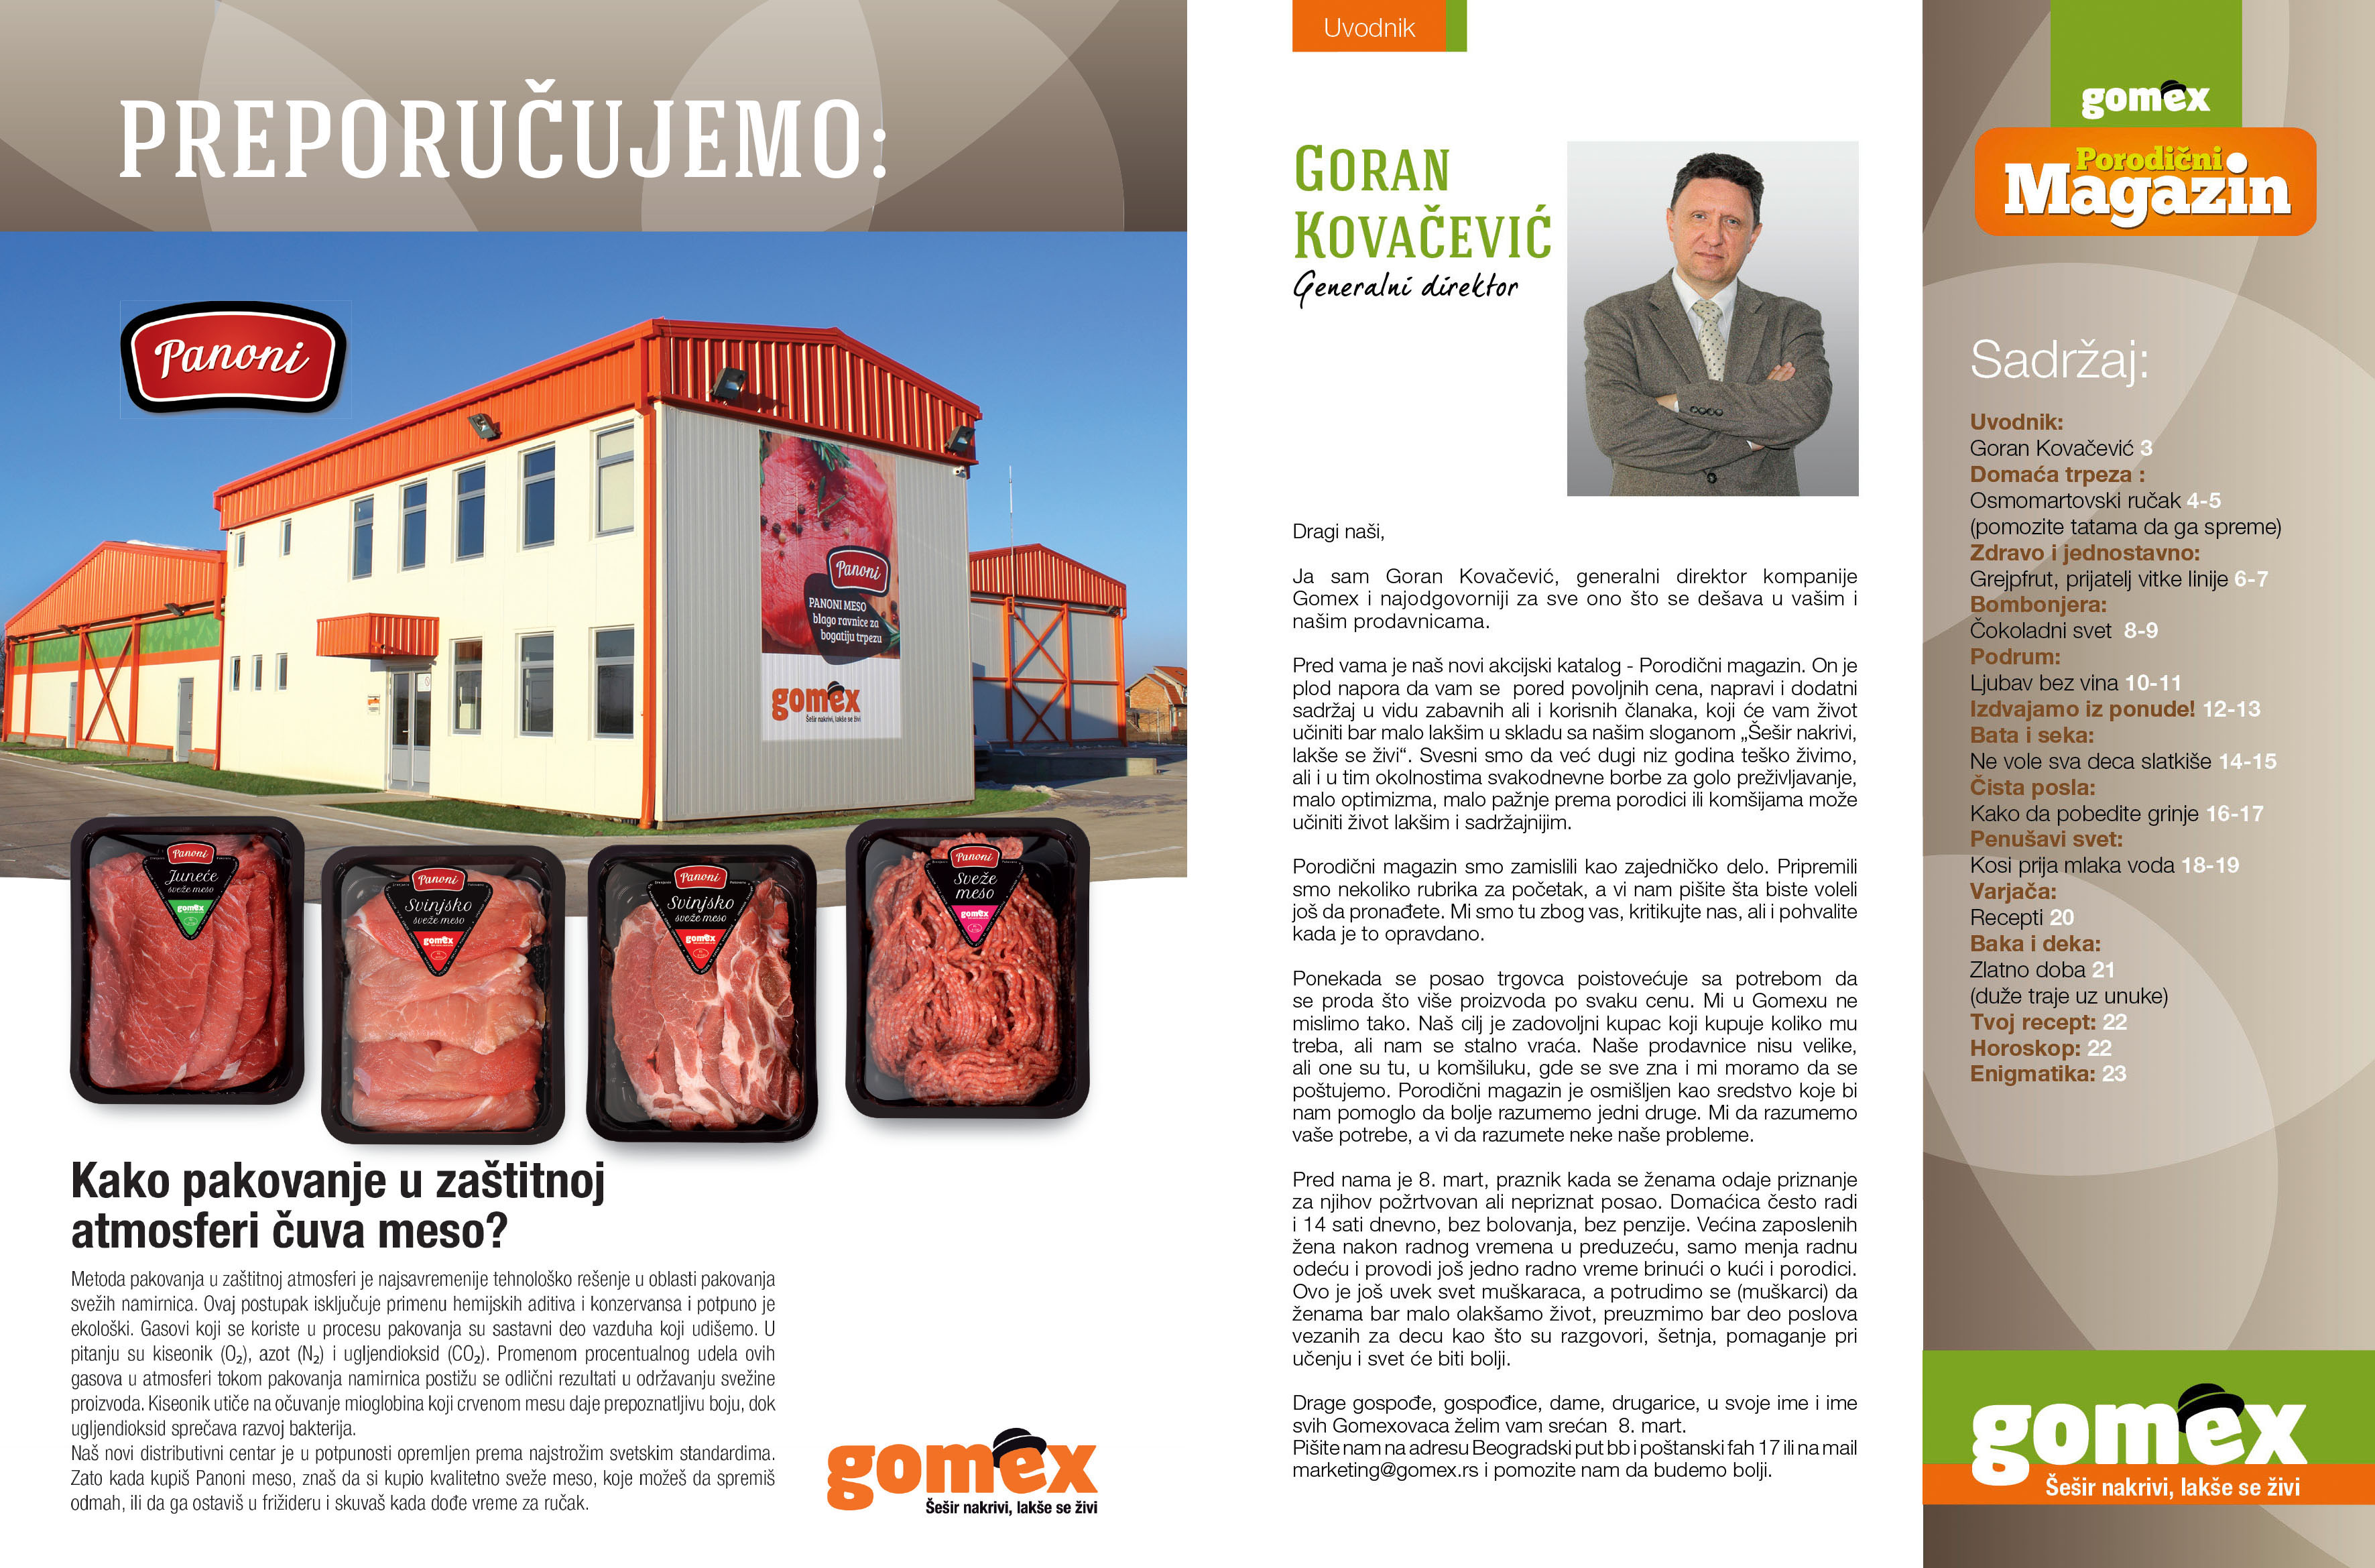 Gomex katalog porodični magazin